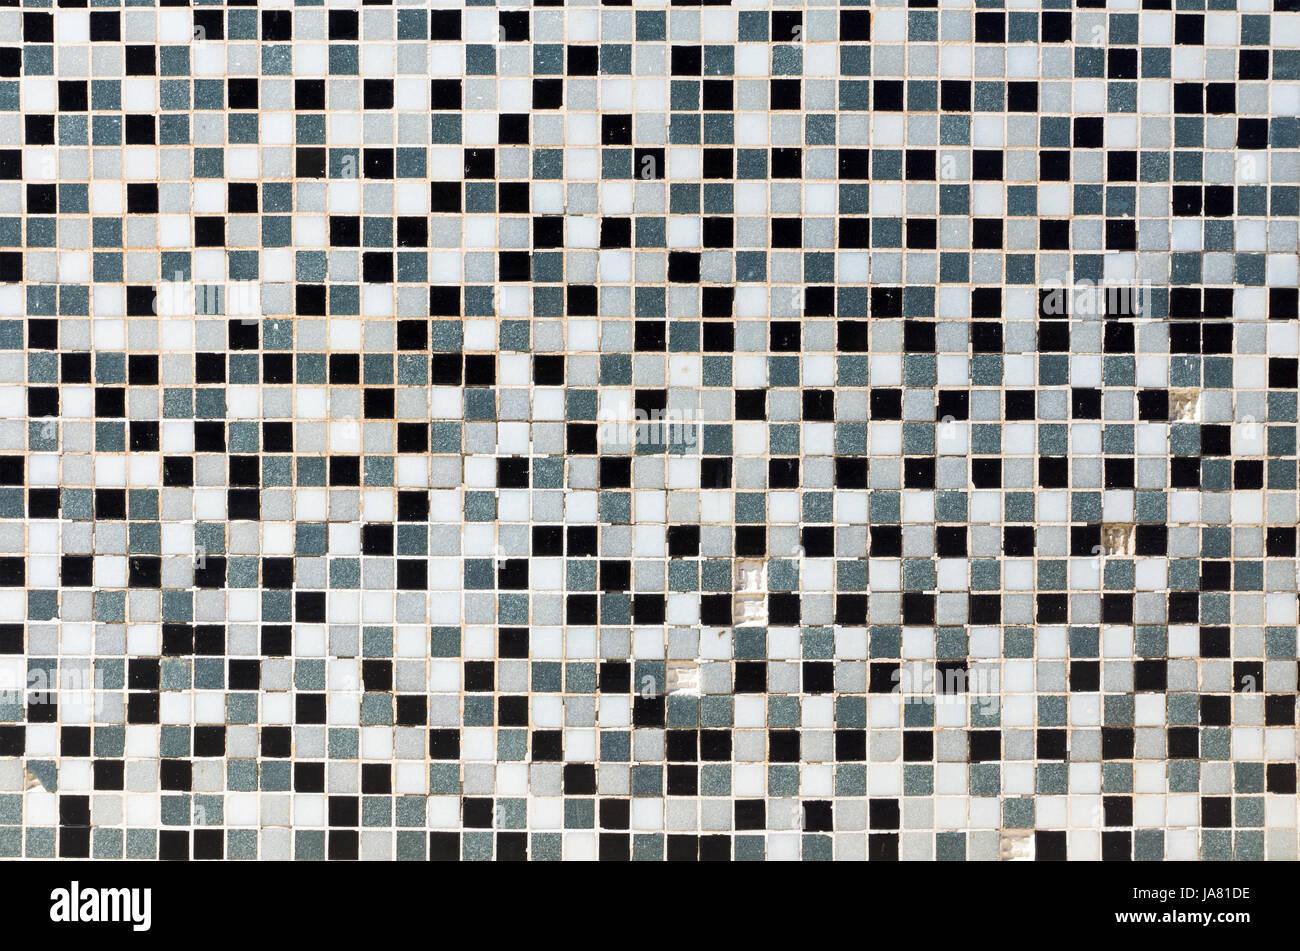 Weiß Schwarz Und Grau Mosaik Fliesen Stockfoto Bild